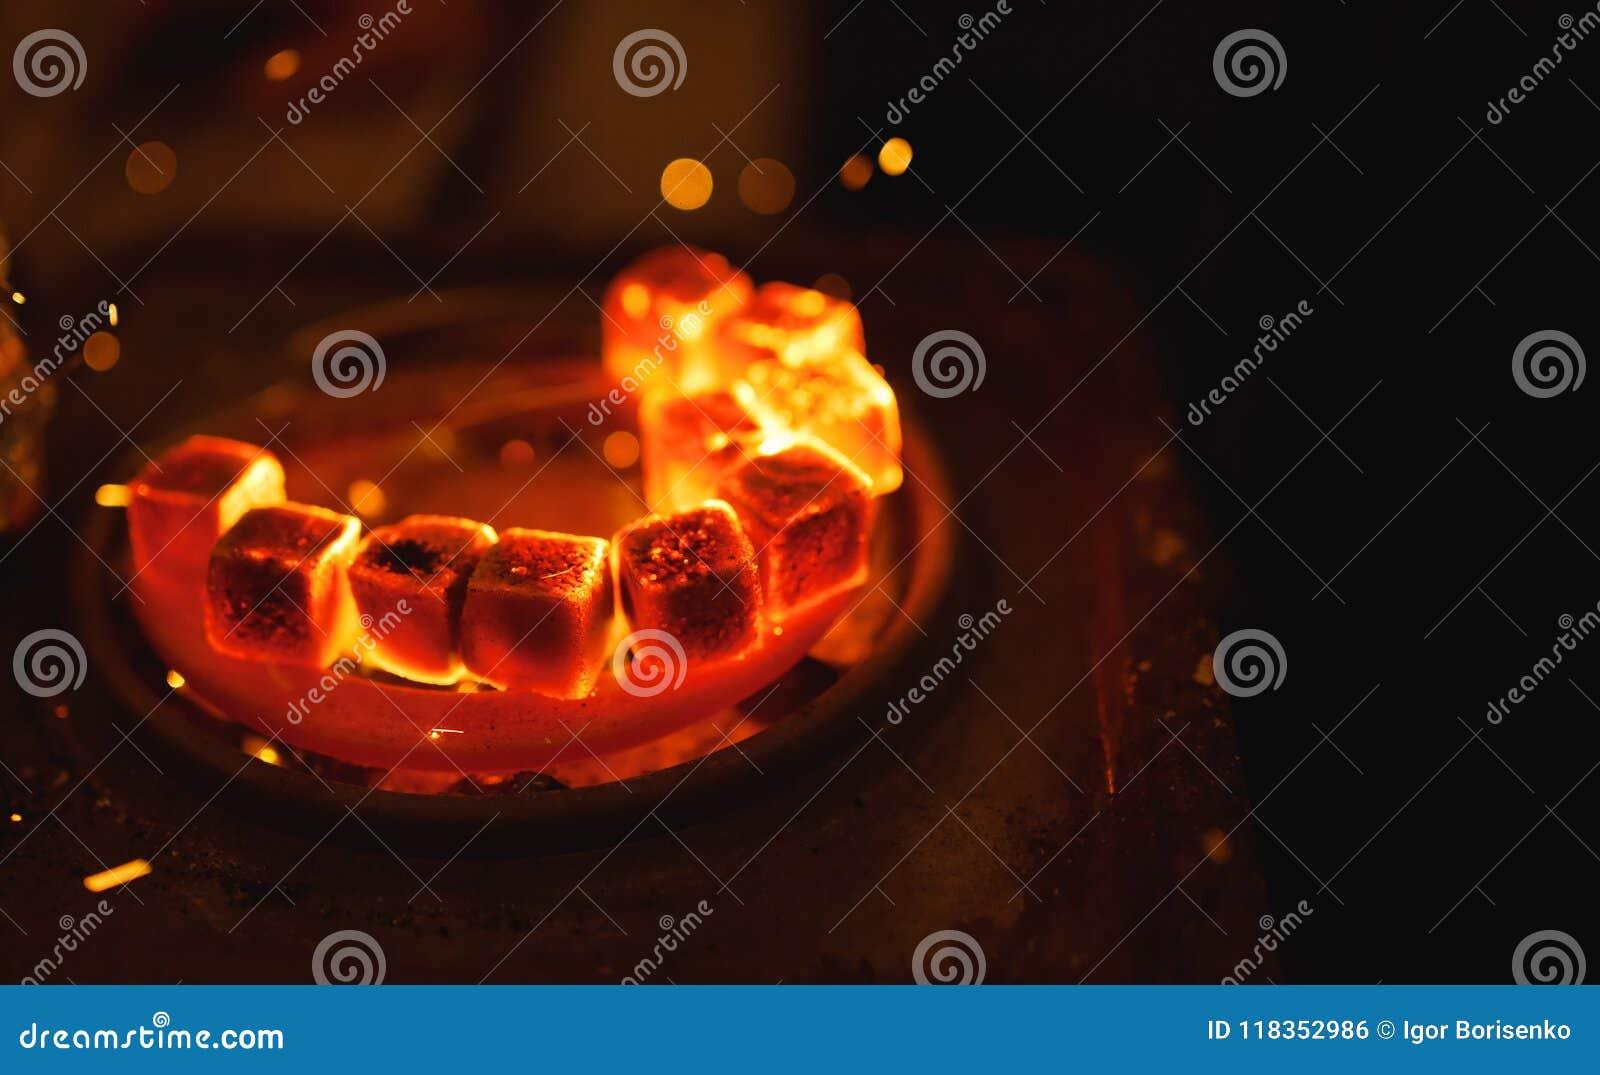 Inflamação do carvão quadrado para um cachimbo de água em uma fornalha especial com uma espiral quente